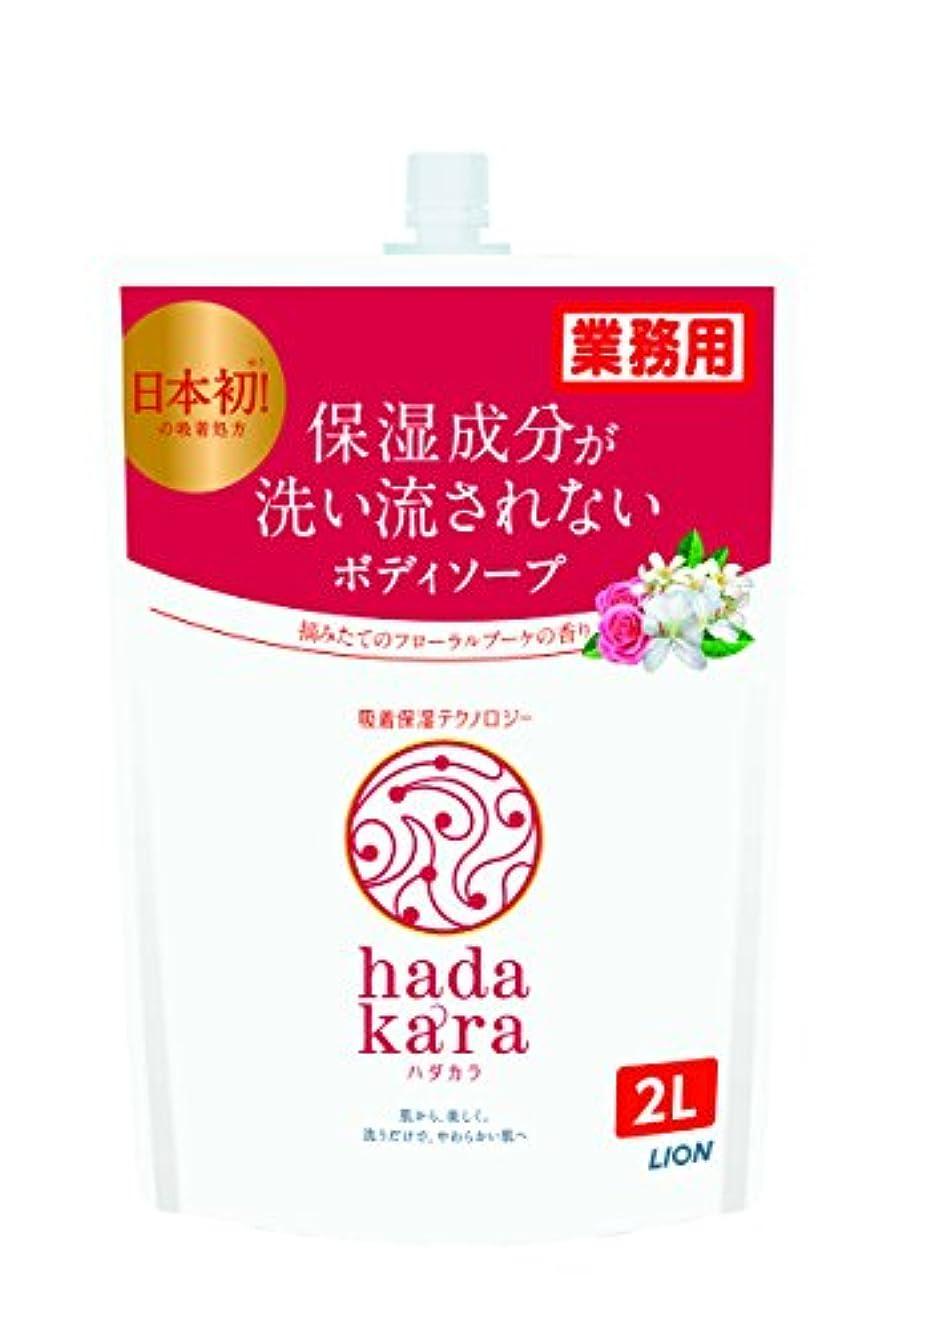 細い前売制約【大容量】hakdakara(ハダカラ) フローラルブーケ2L ボディソープ 詰替え用